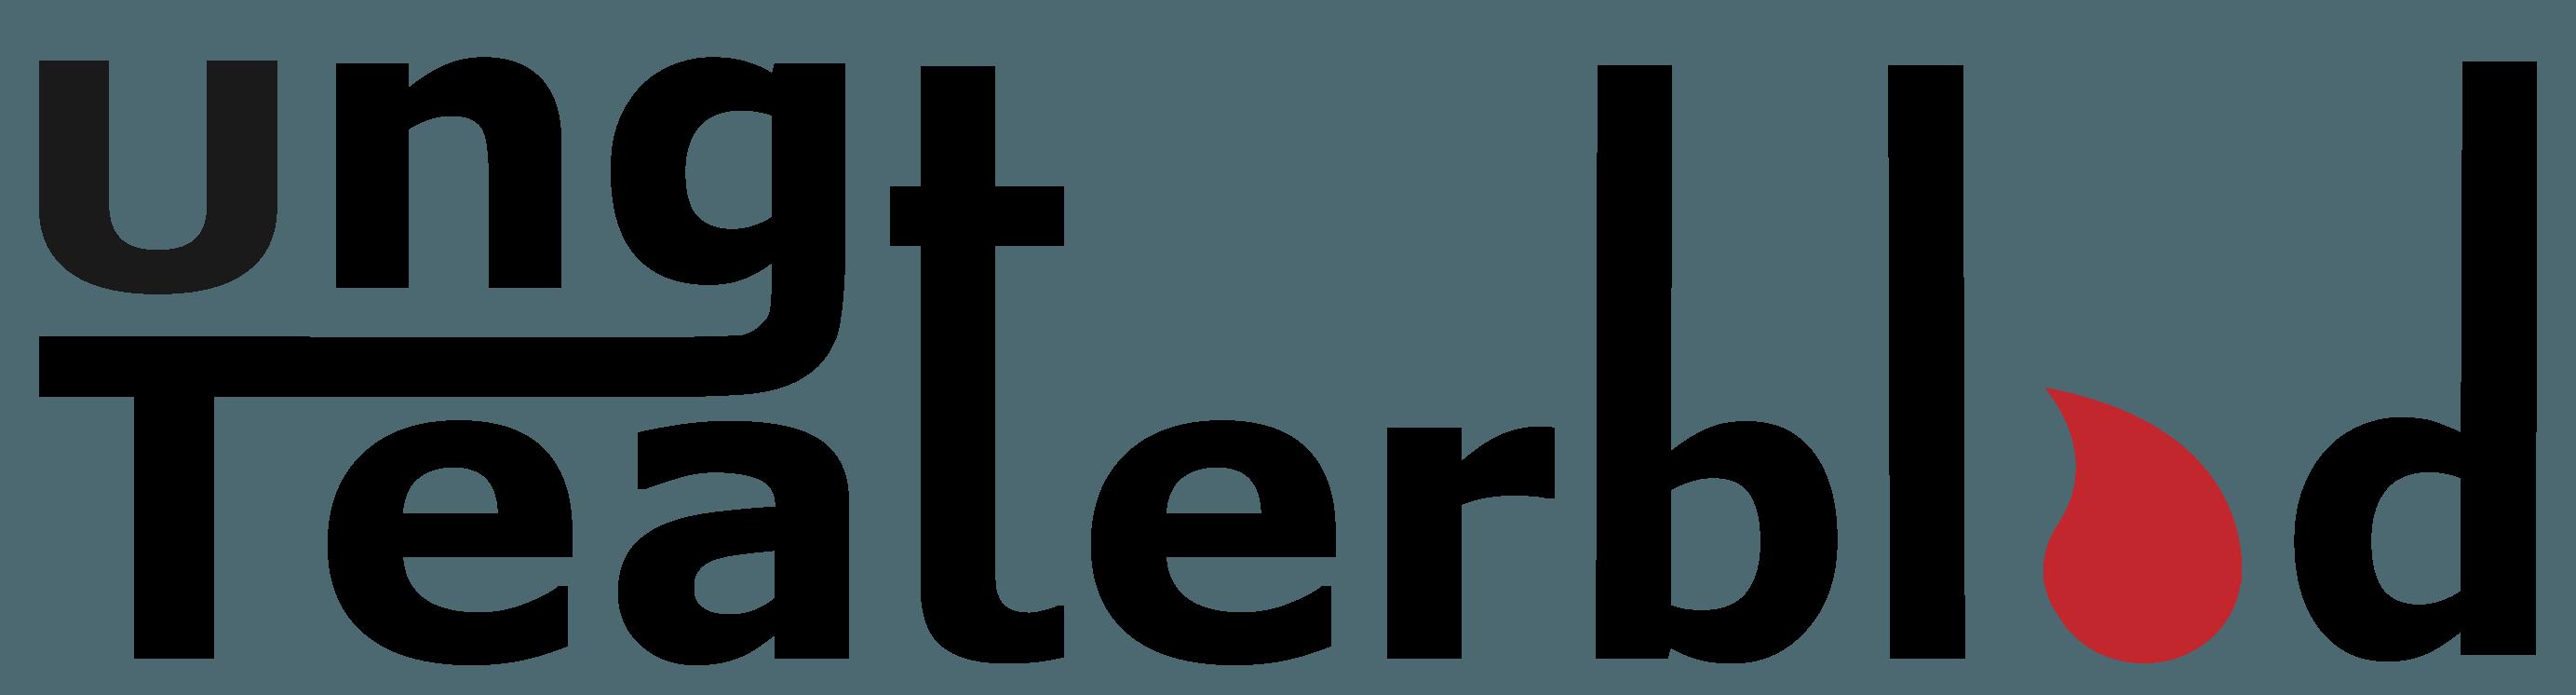 Ungt Teaterblod Logo